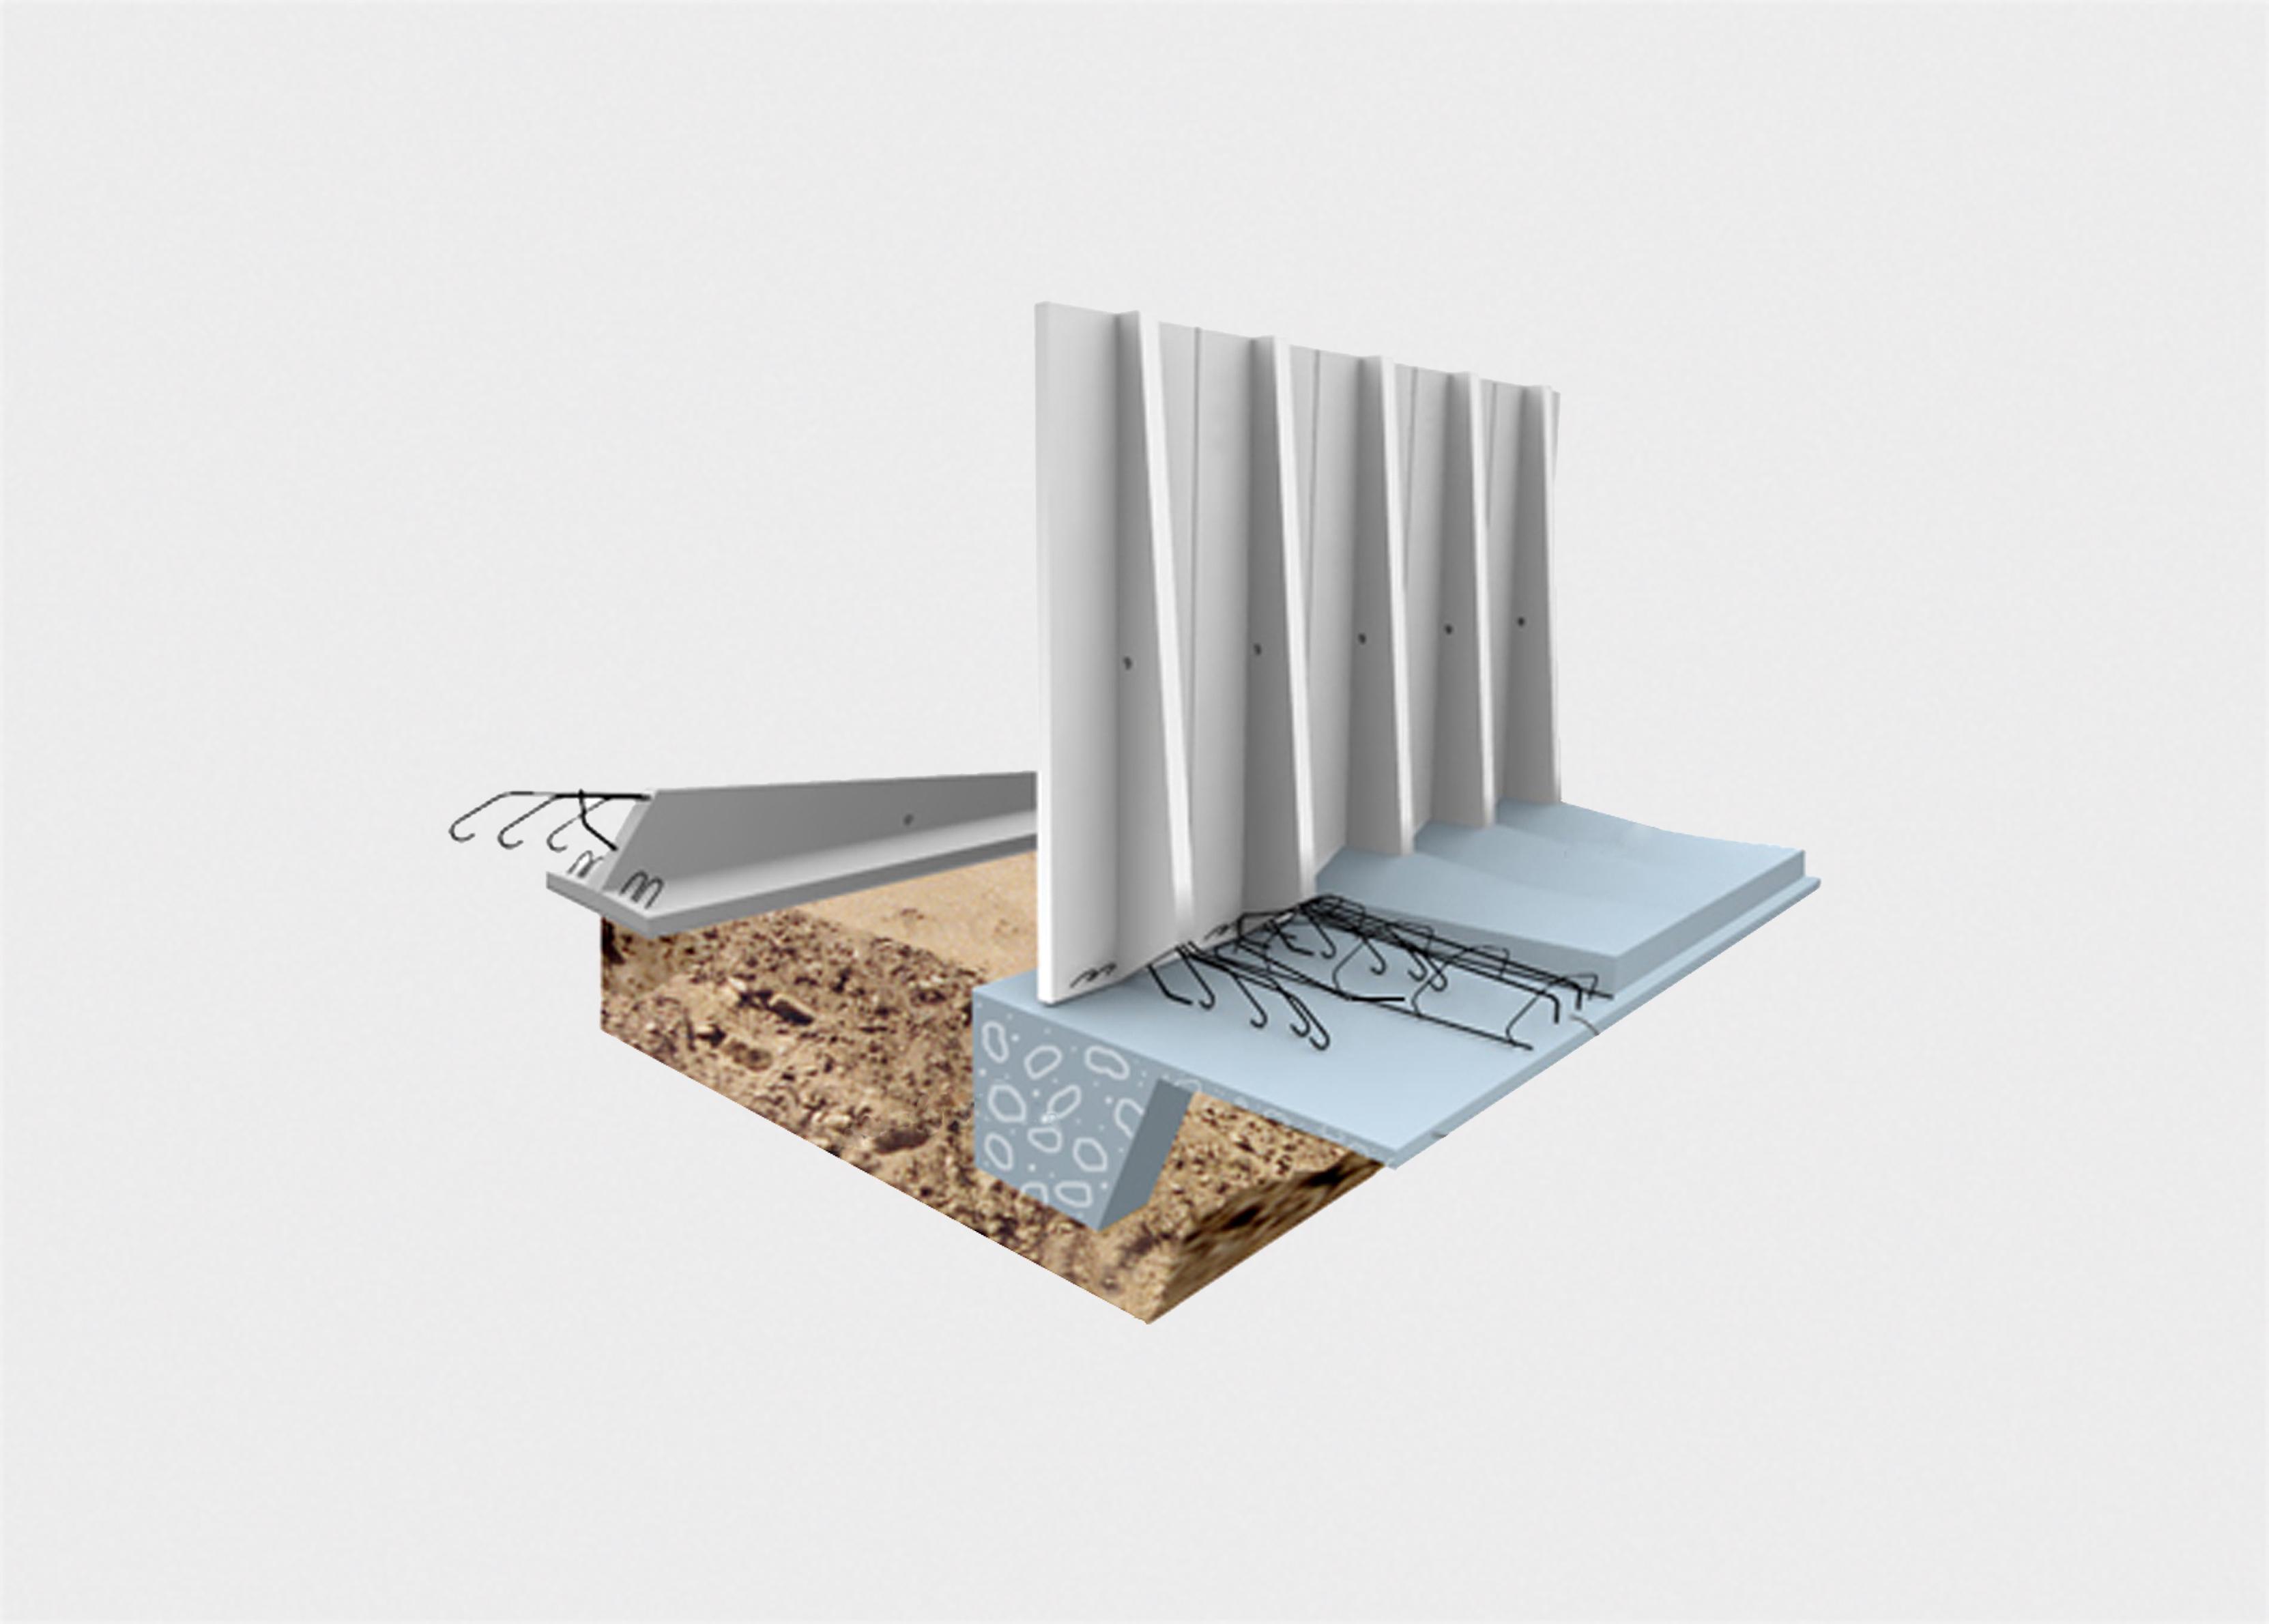 Mur prefabricat panells